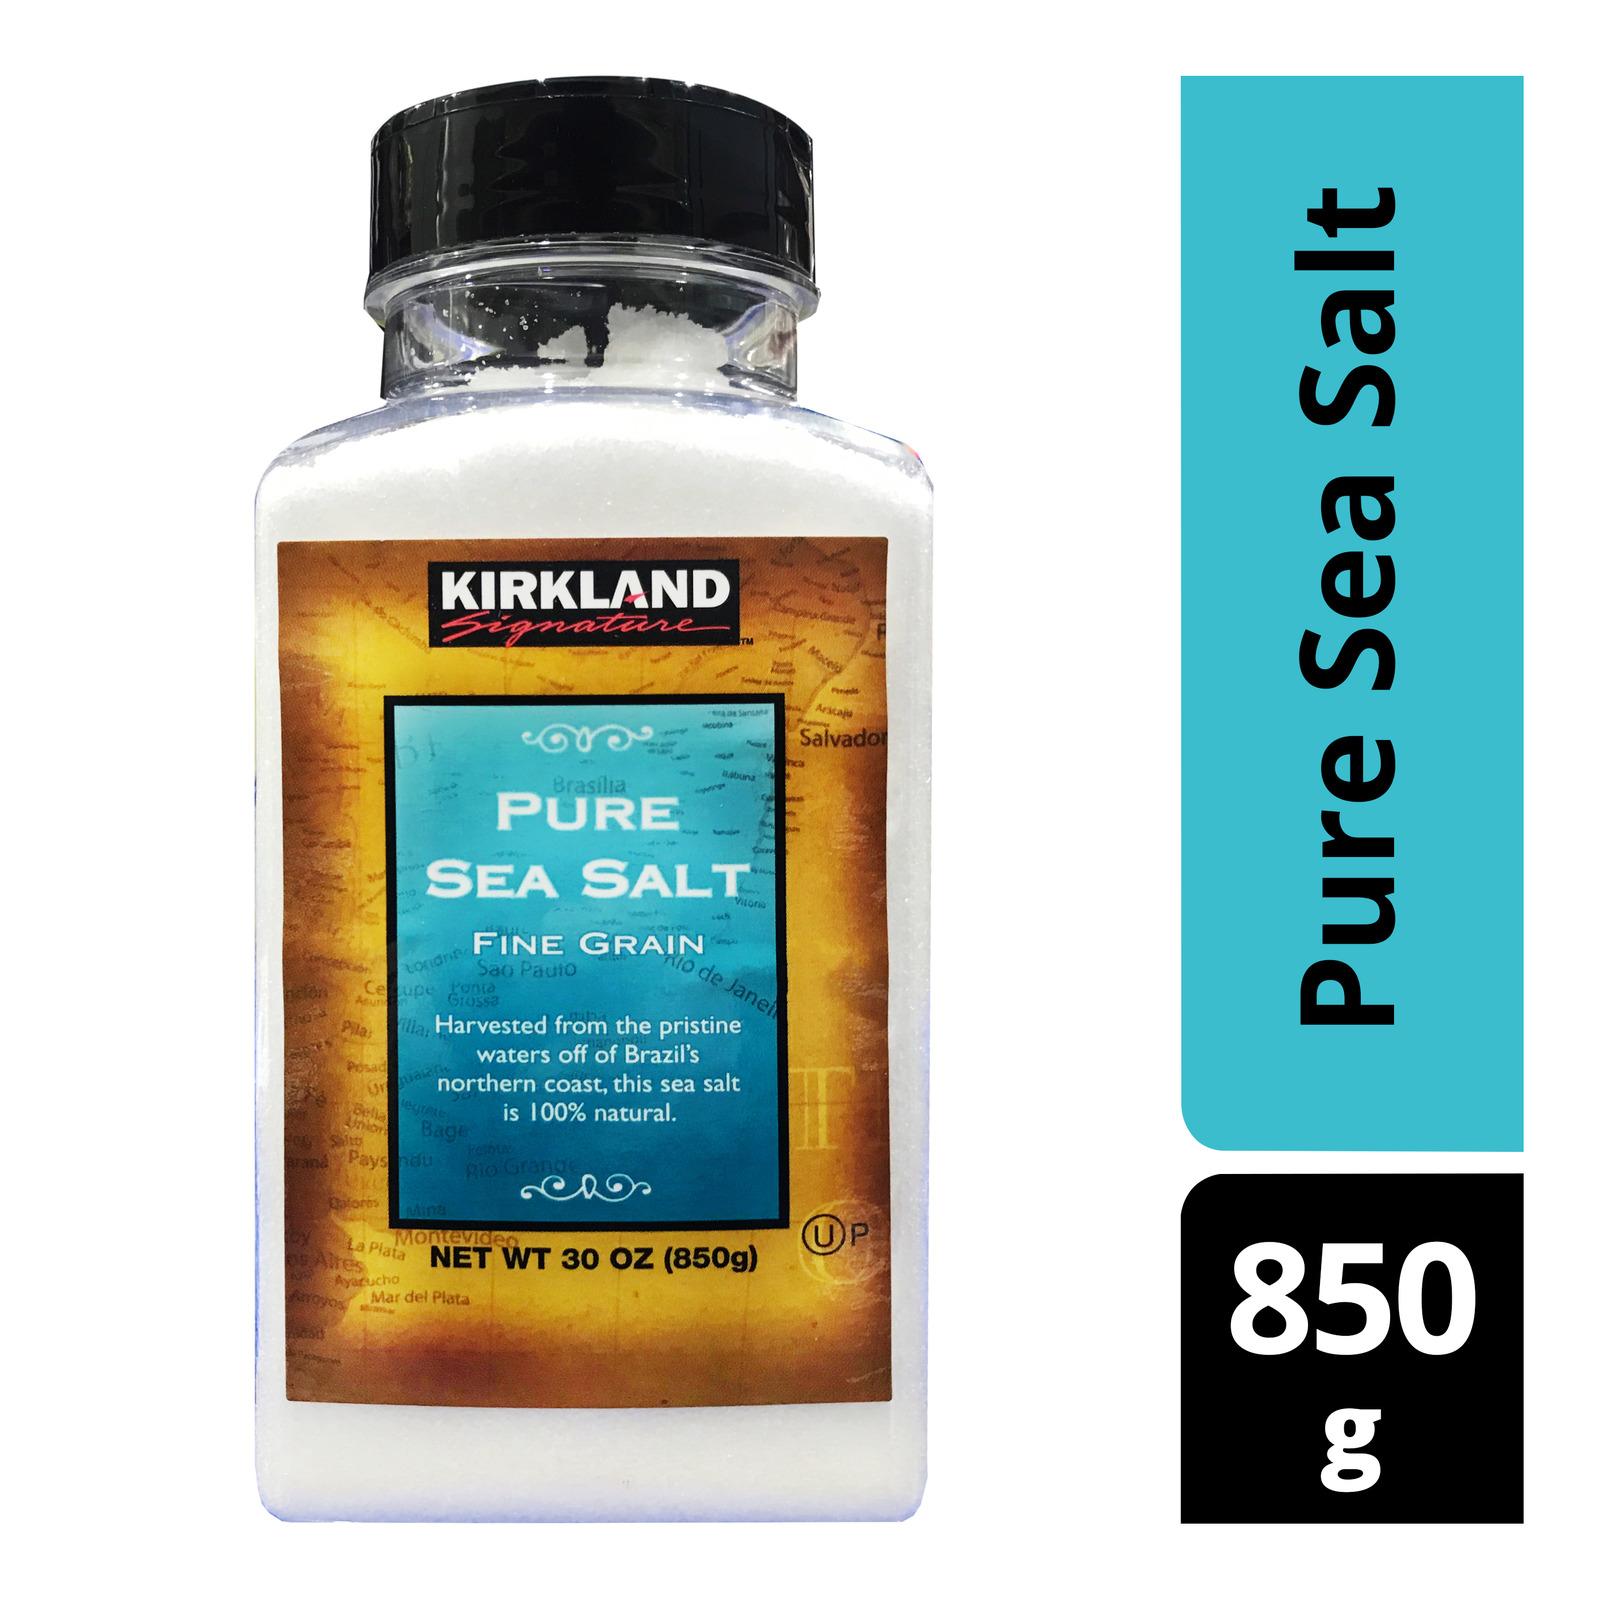 Kirkland Signature Pure Sea Salt